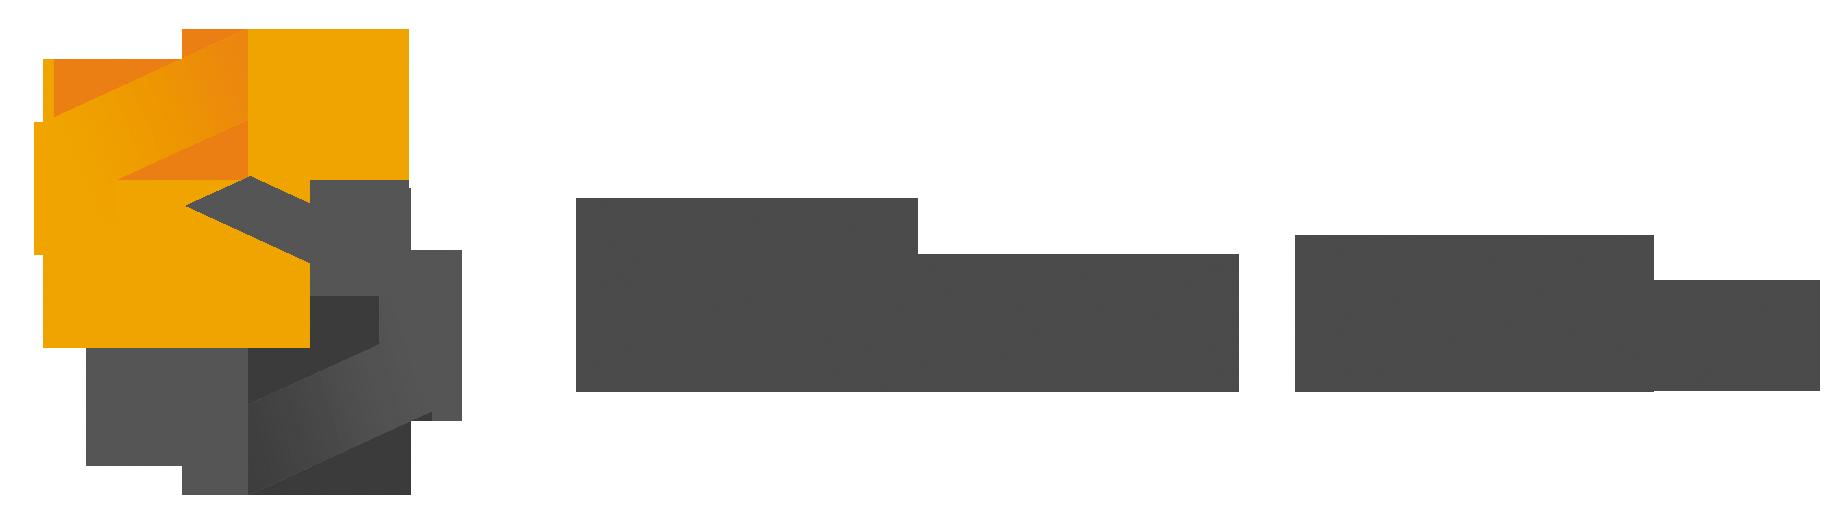 Shaar Stone